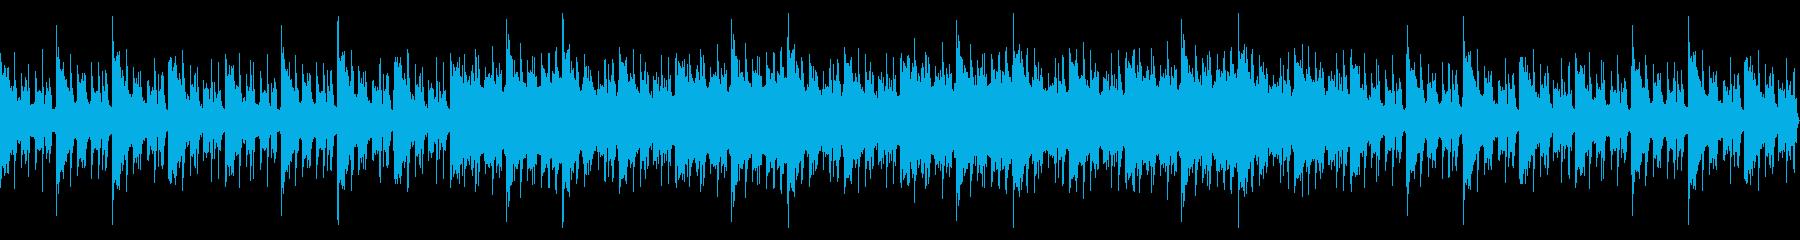 落ち着いた切なく懐かしいBGMの再生済みの波形